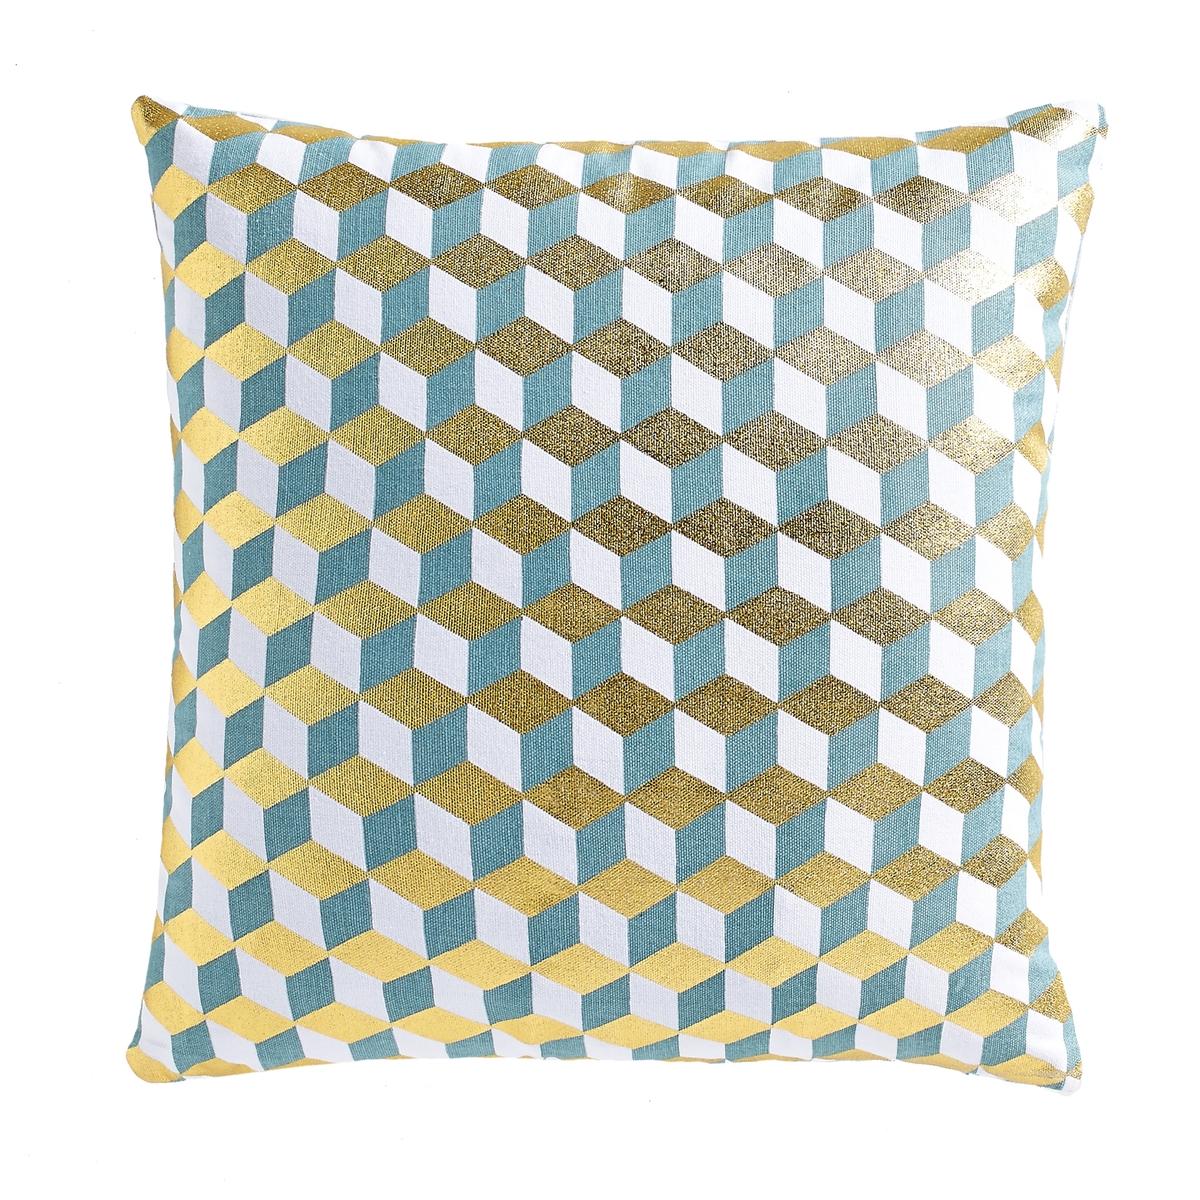 Чехол для подушкиЧехол для подушки Decio. Красивый геометрический рисунок с одной стороны, однотонный белый цвет с другой стороны. Застежка на скрытую молнию в тон. Стирка при 30°. 100% хлопка. Размер: 40 х 40 см.<br><br>Цвет: бледно-зеленый/латунь